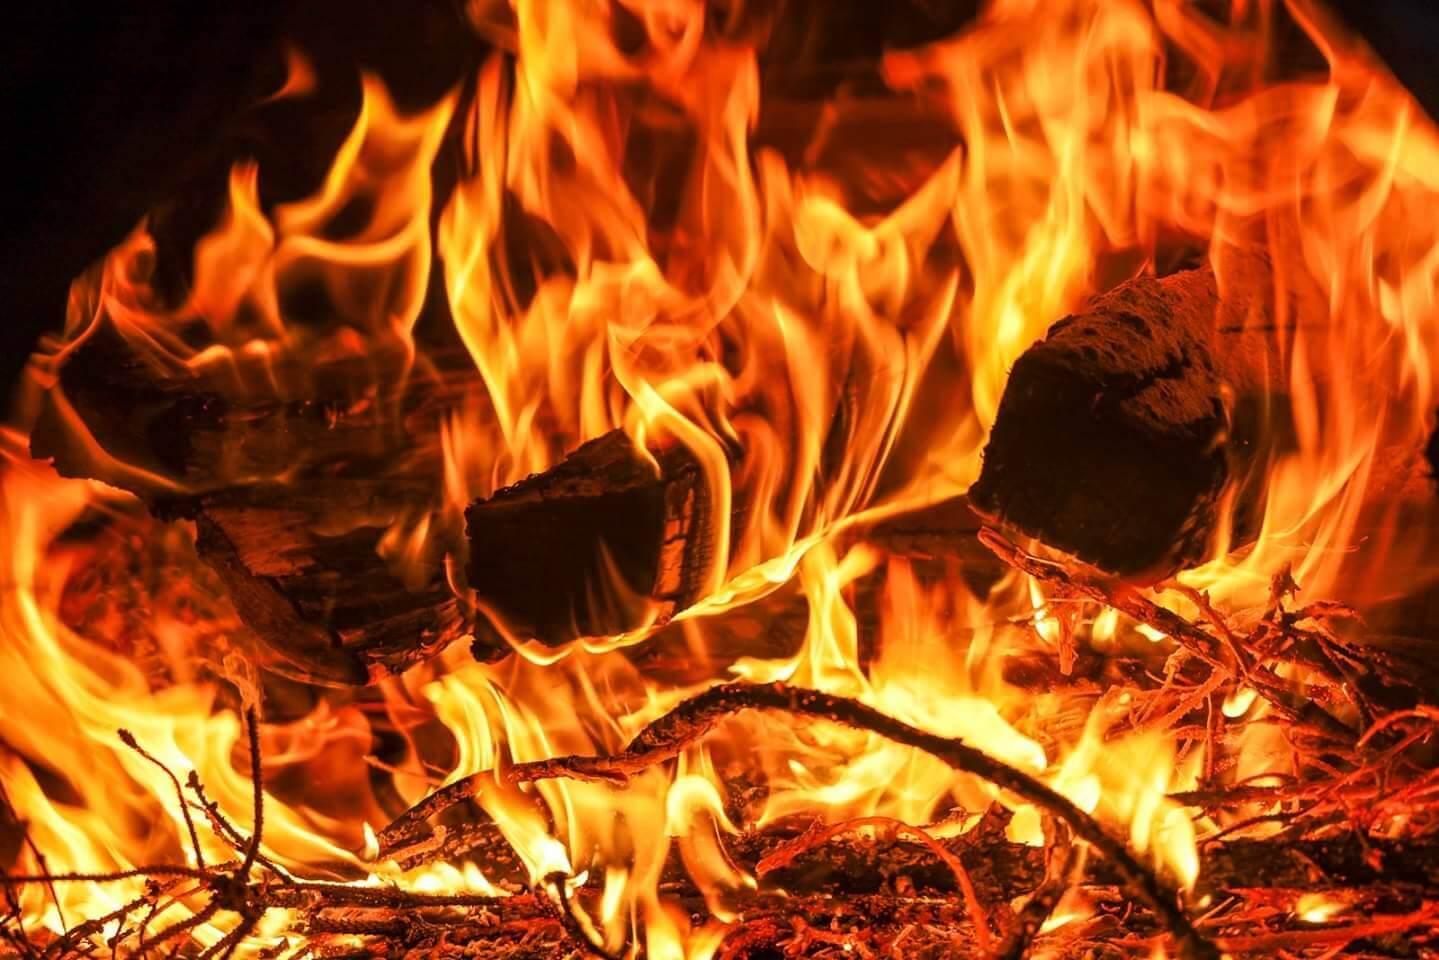 Si accende il fuoco - (c) lopanner.com